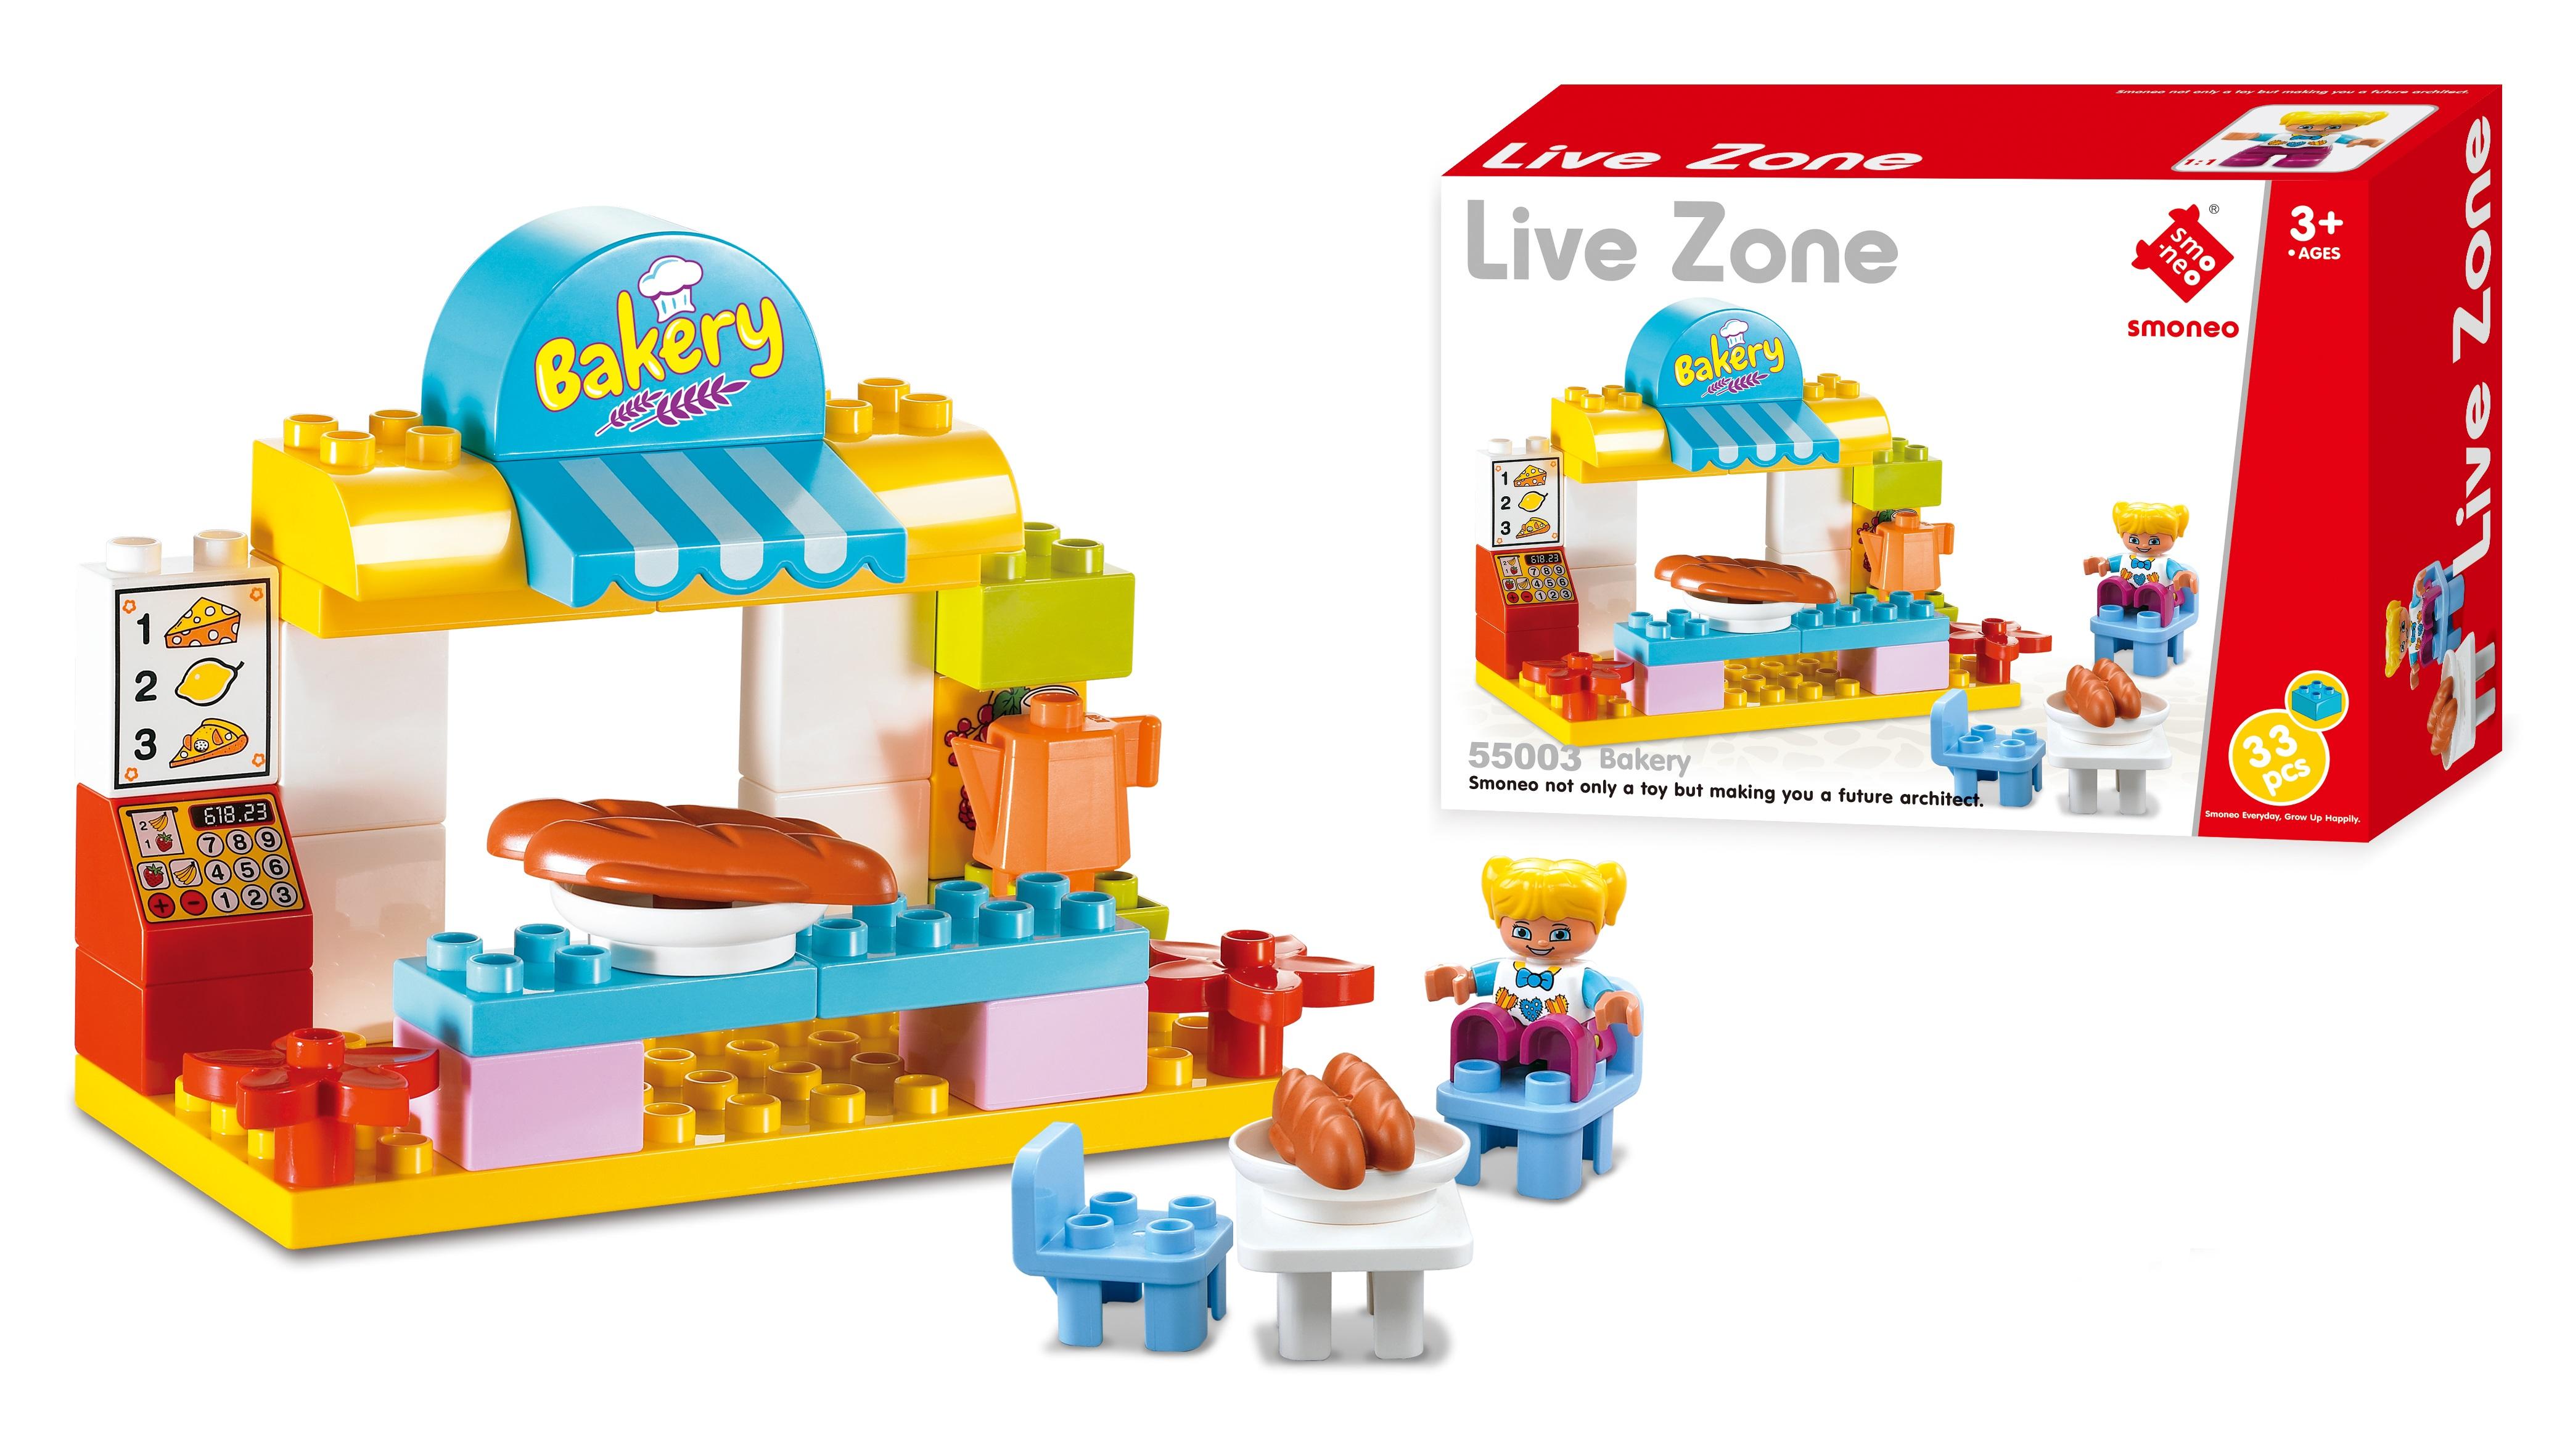 Bộ đồ chơi lắp ghép cửa hàng bánh ngọt Smoneo Duplo Lego 55003